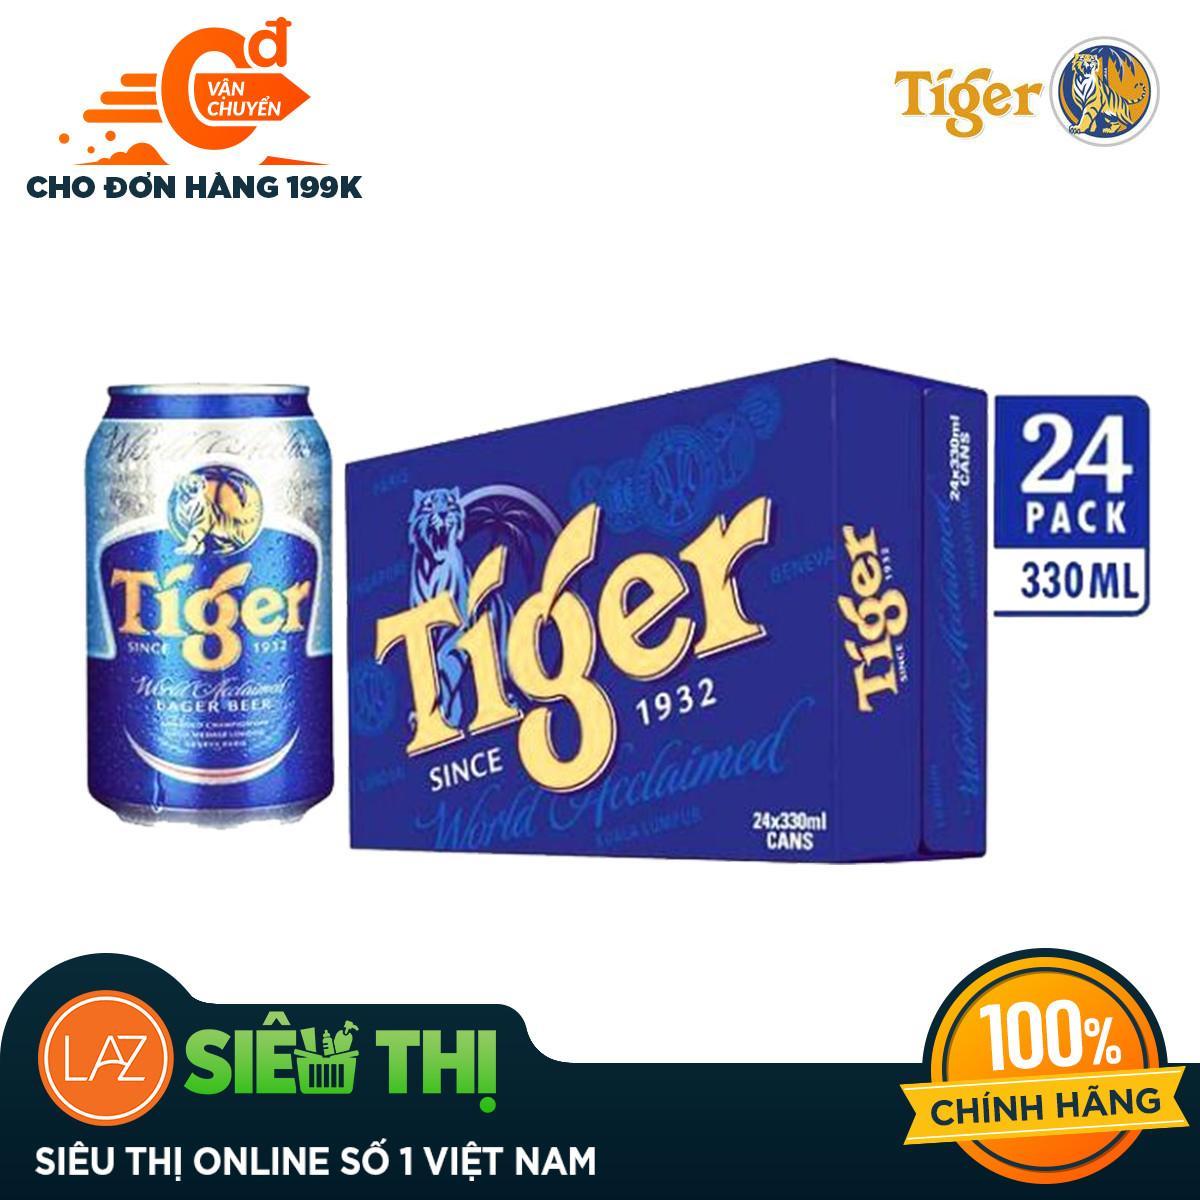 [Siêu thị Lazada] - Thùng 24 lon Tiger thường - lon 330ml